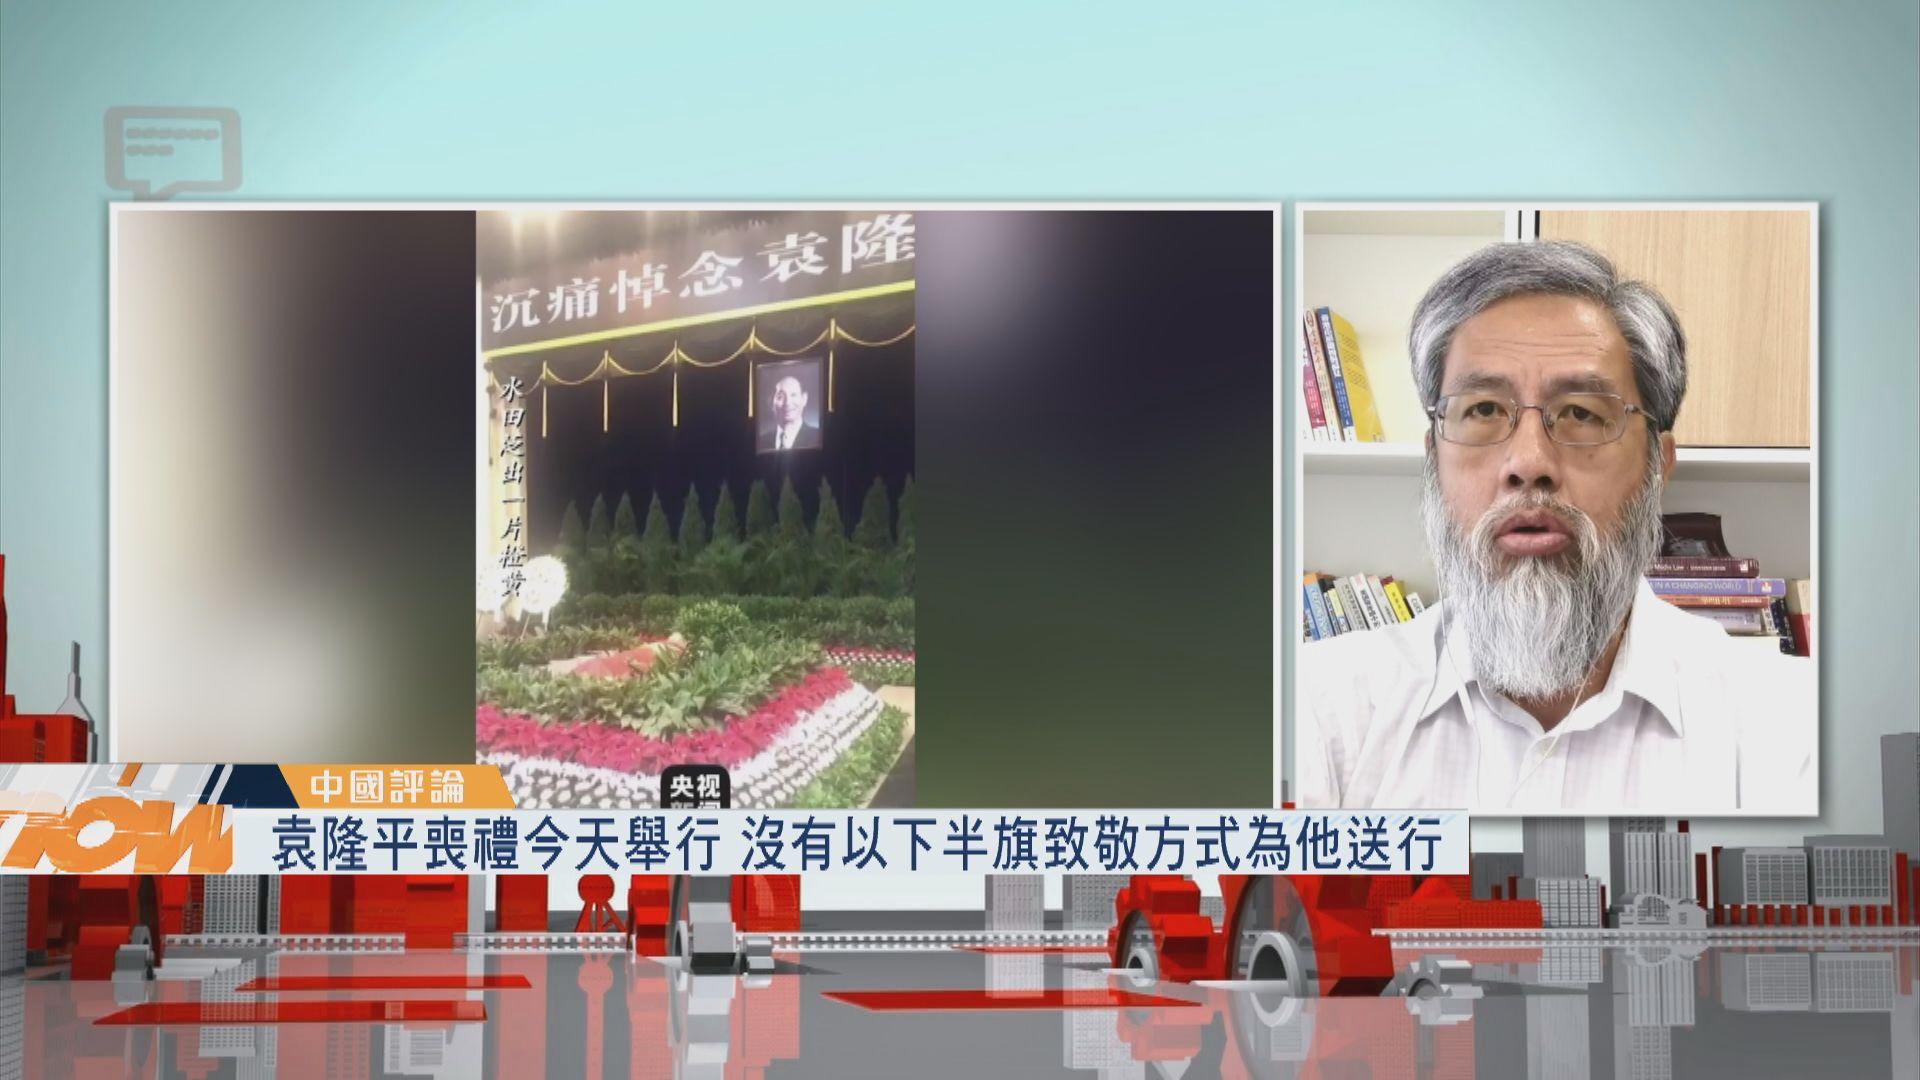 【中國評論】袁隆平喪禮/甘肅馬拉松慘劇賠償